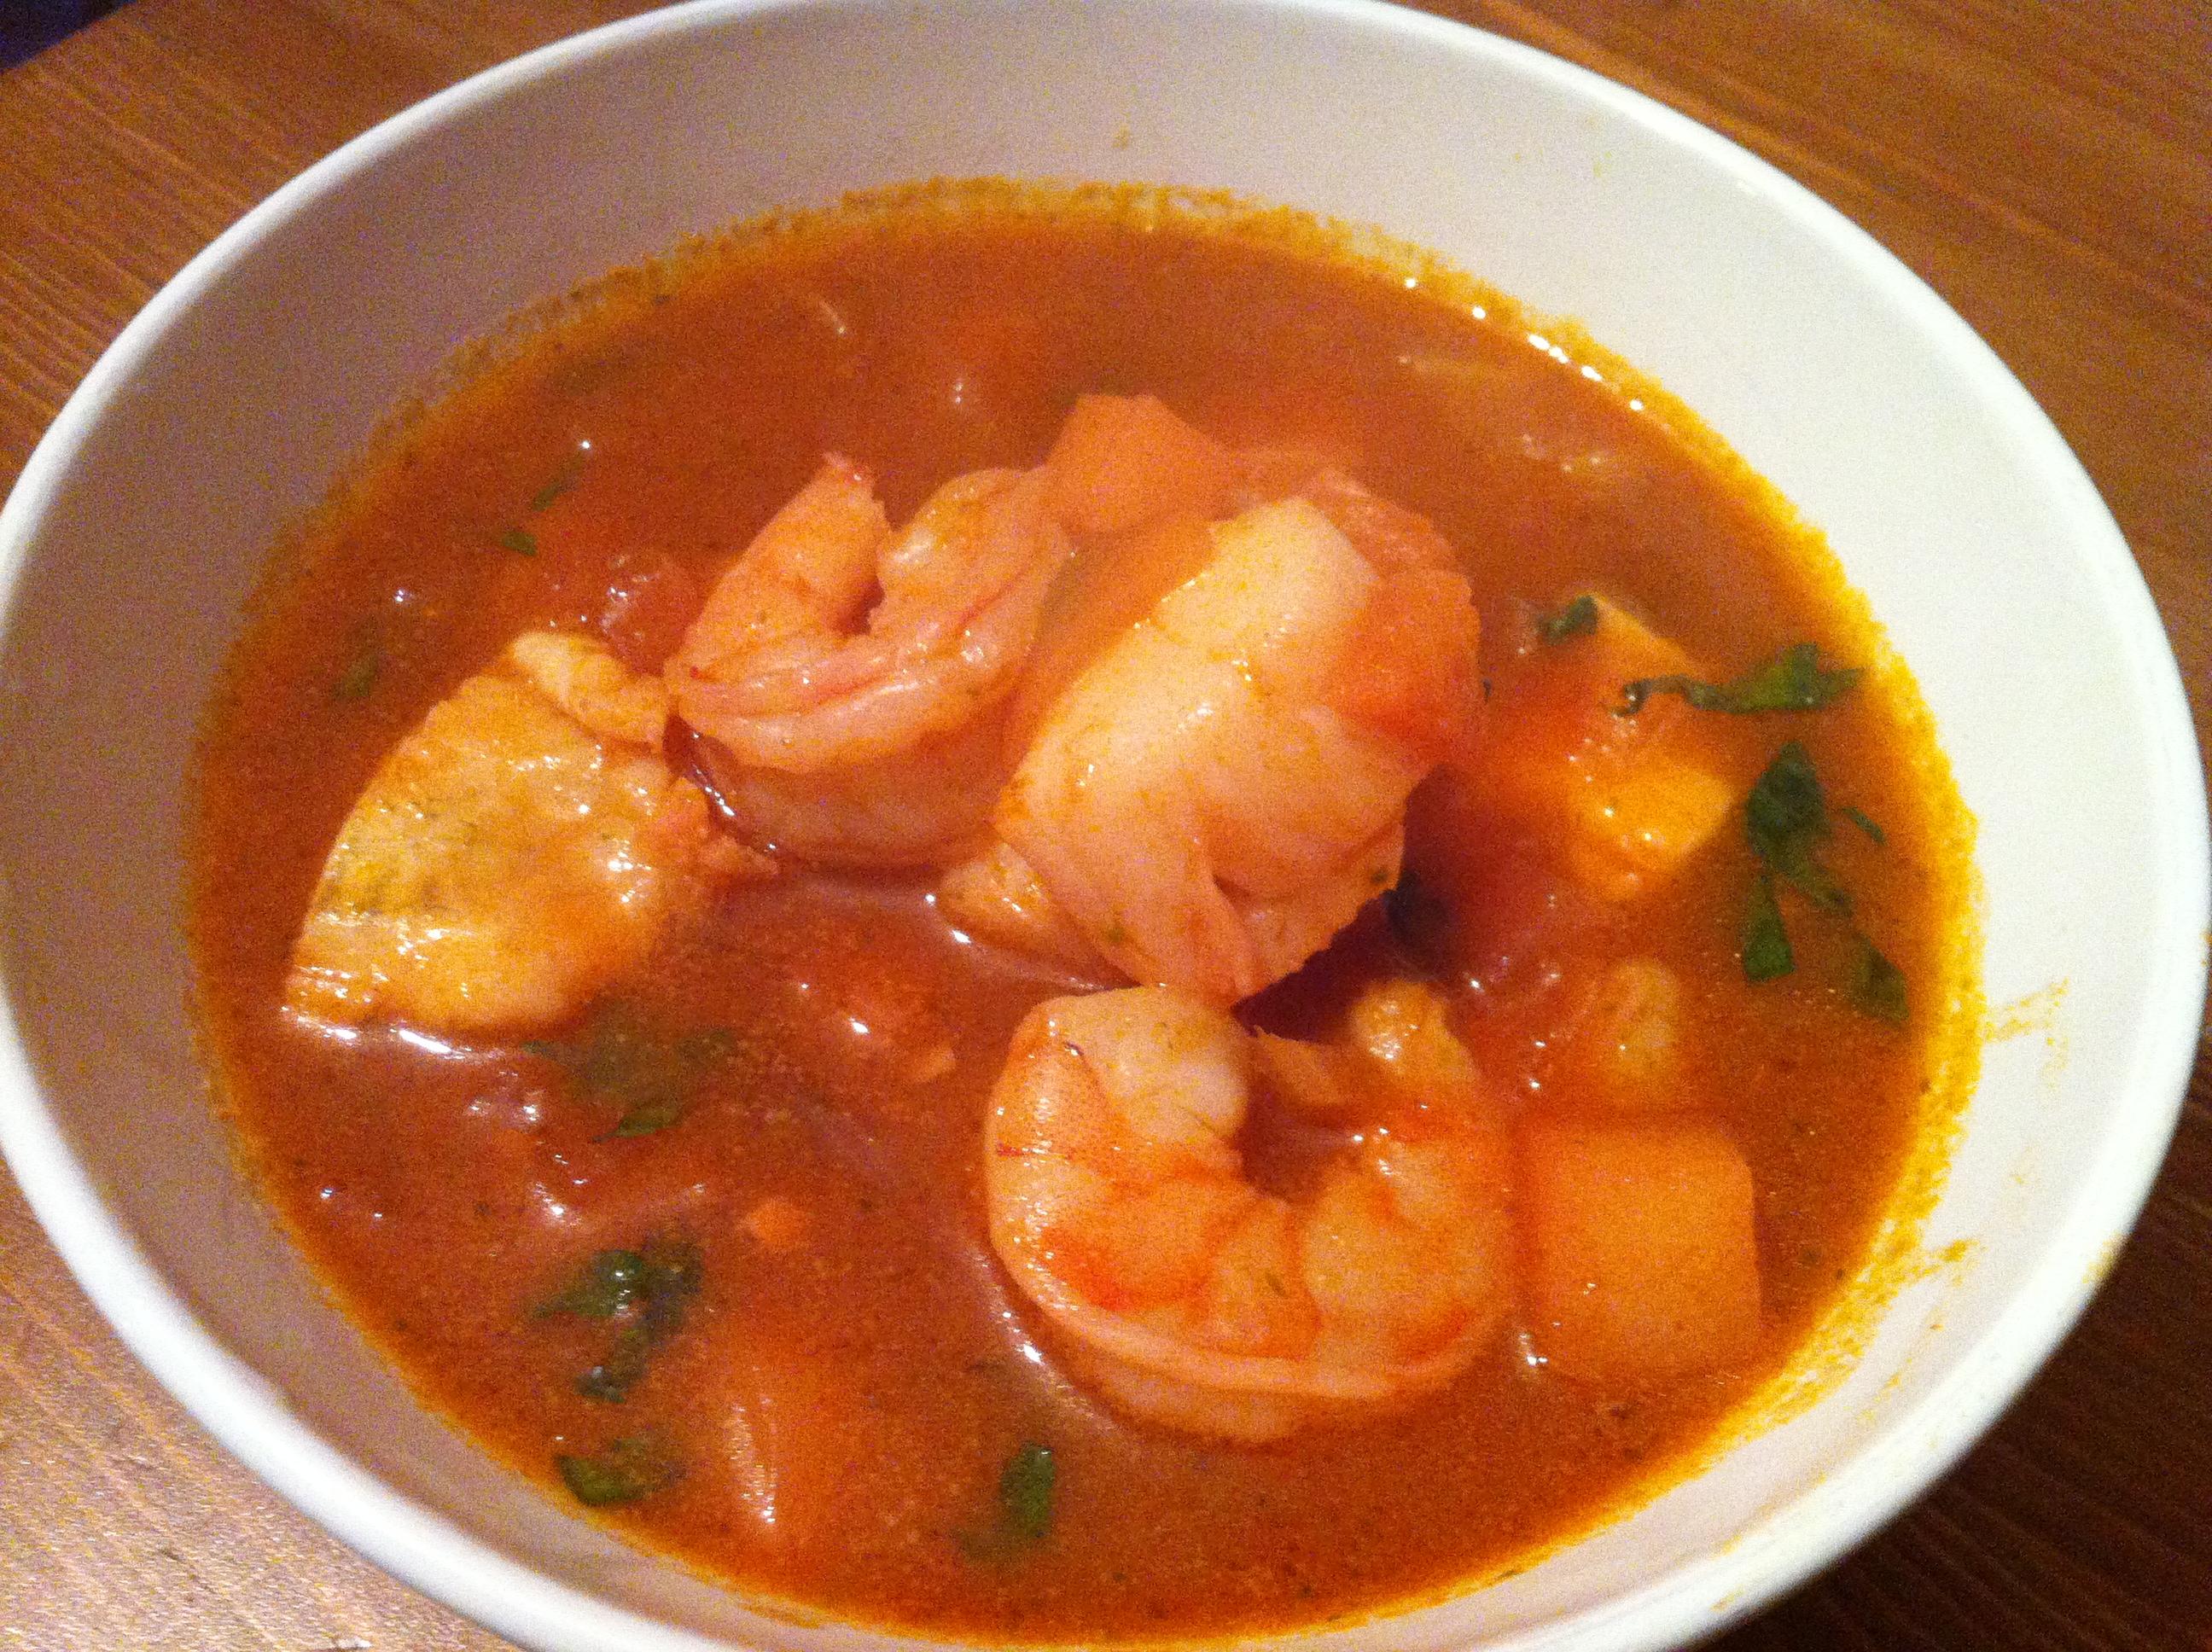 Soupe de poisson et fruits mer dcouverteculinaire et - Soupe de legume maison ...